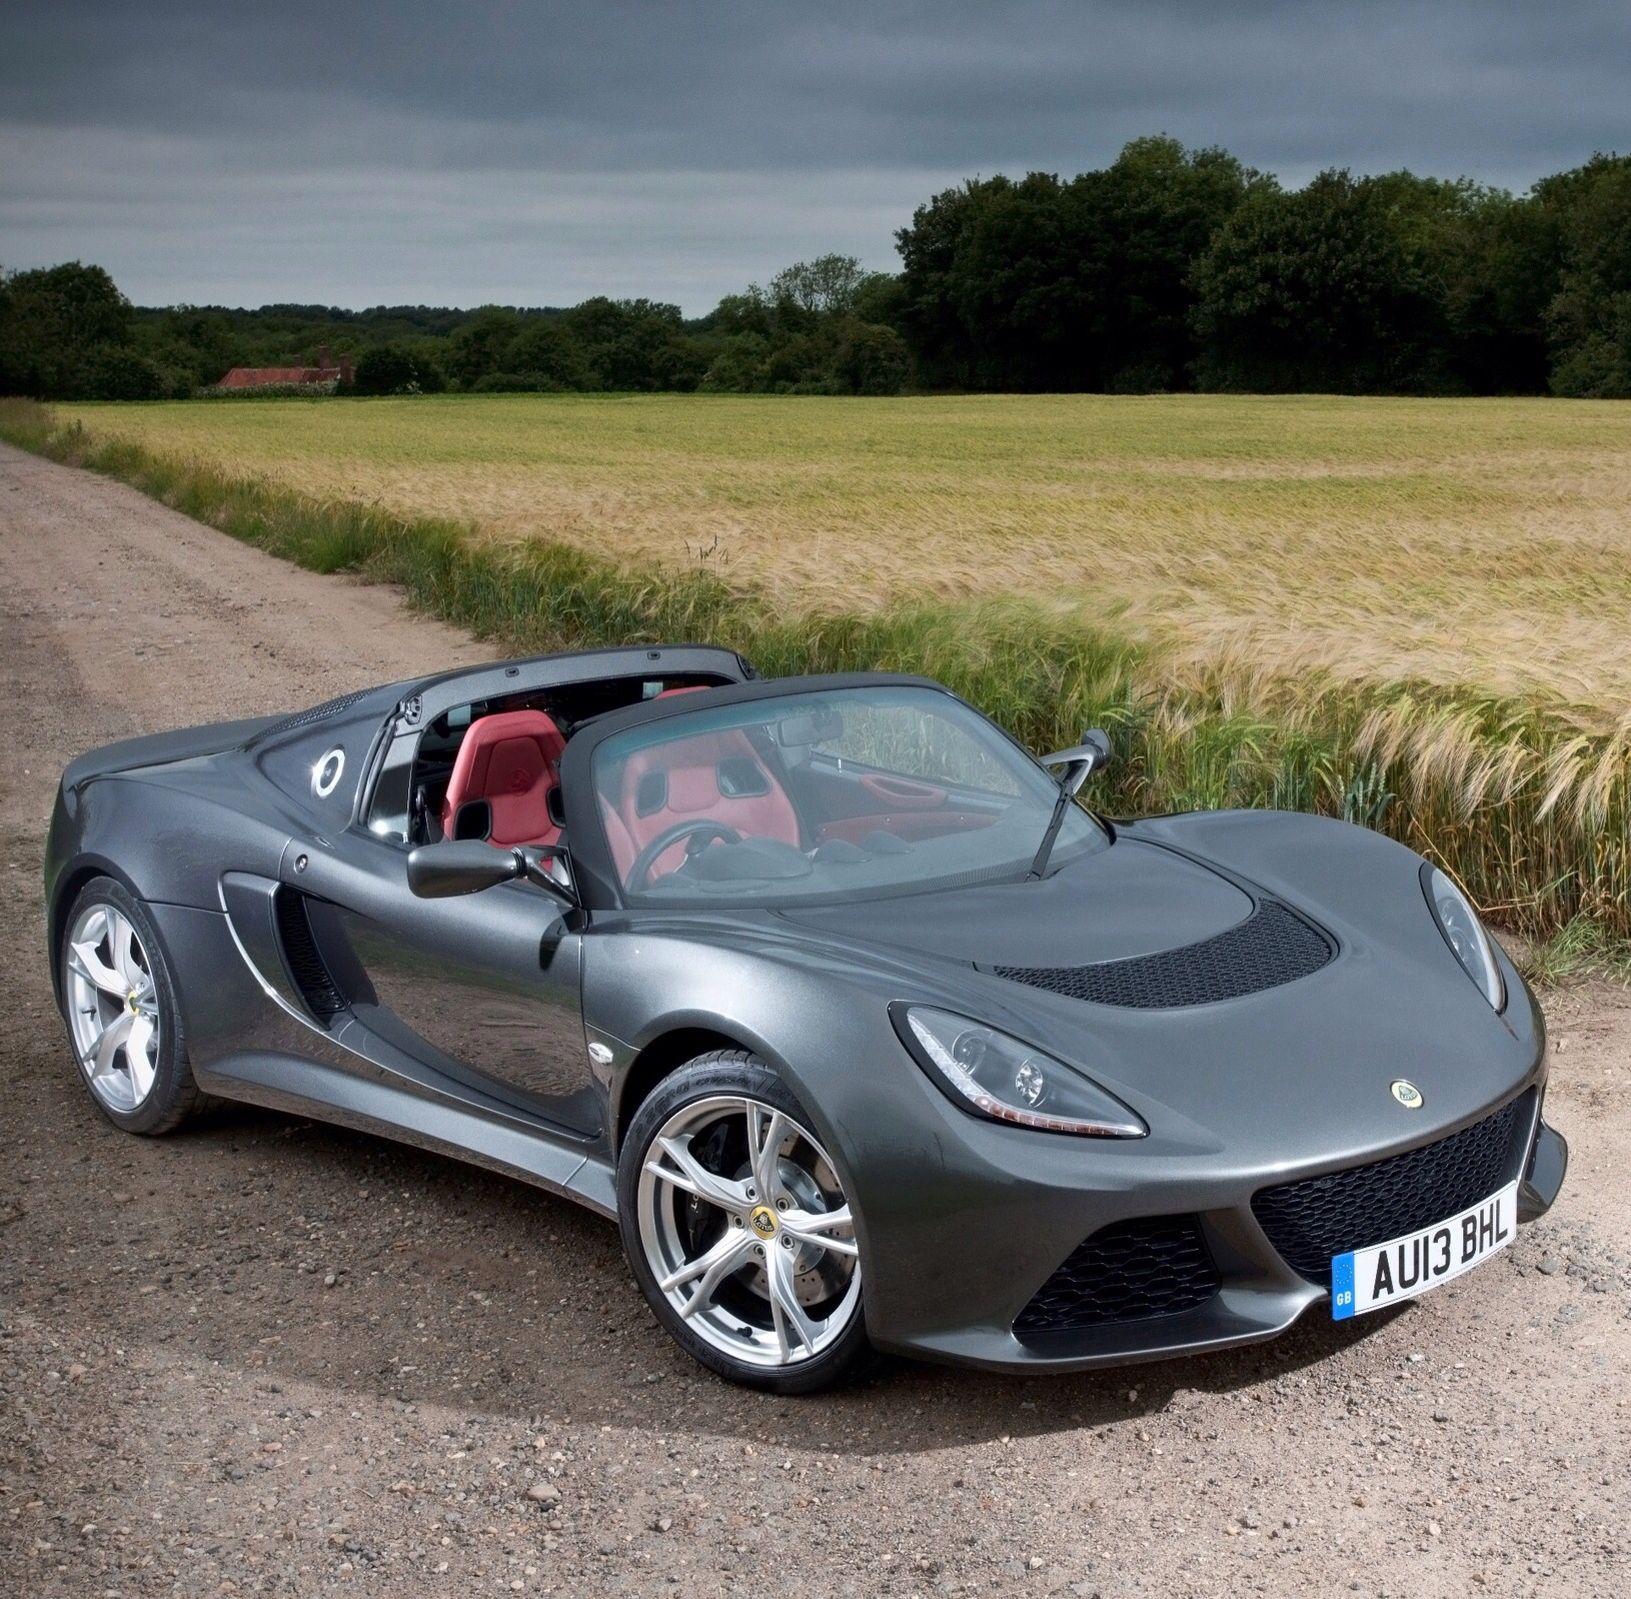 Lotus Exige, Lotus Car, Lotus